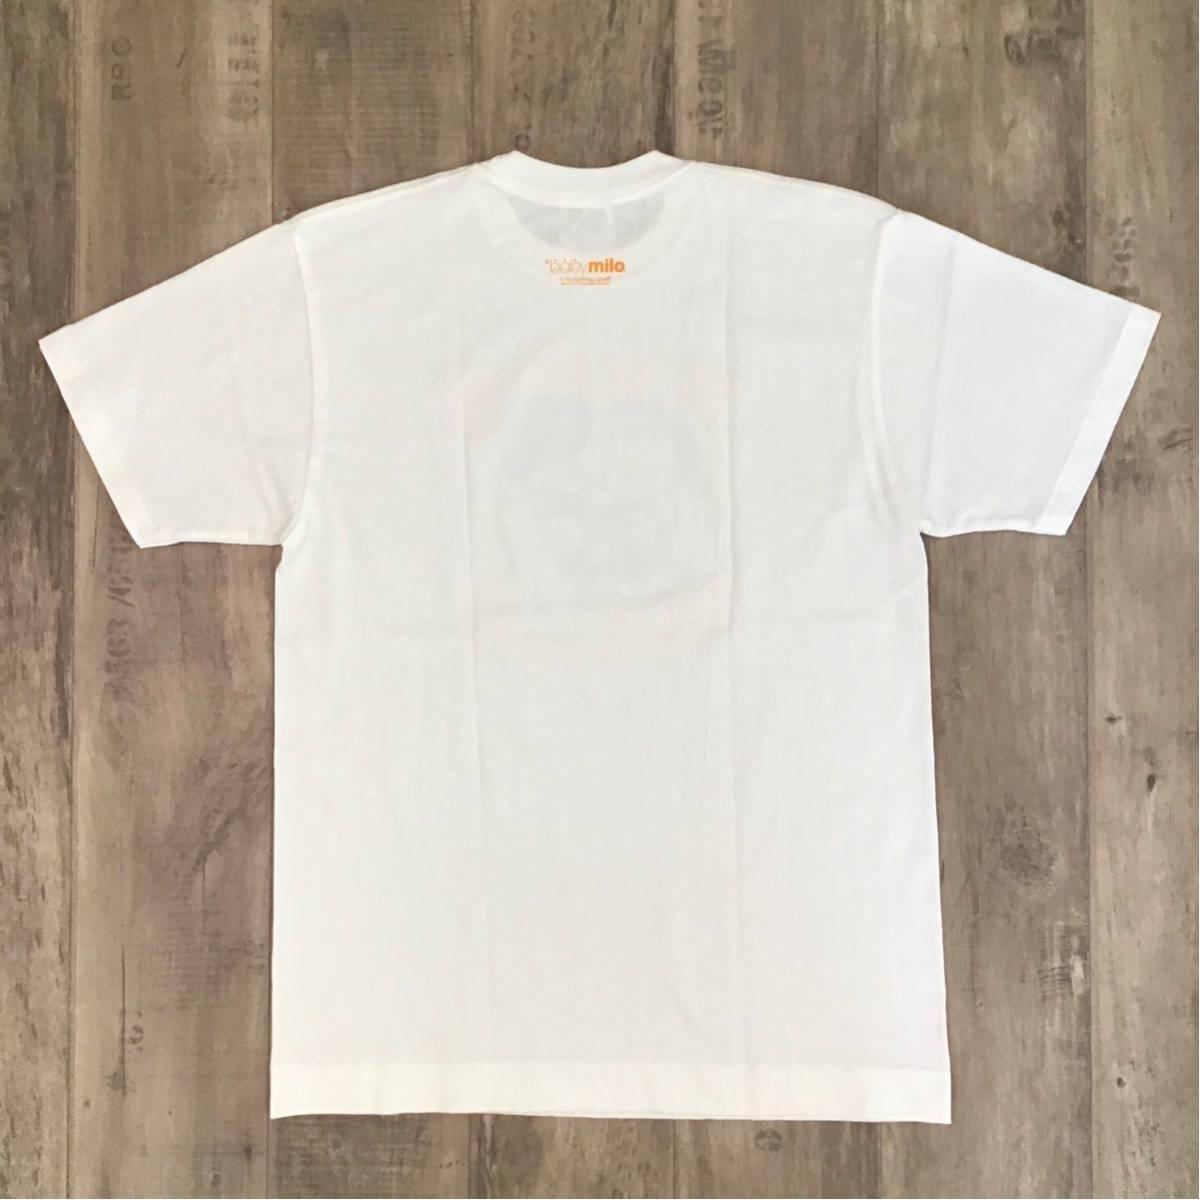 ★激レア★ ムック限定 マイロ & リサ sexy Tシャツ Mサイズ milo a bathing ape bape mook limited エイプ ベイプ アベイシングエイプ zp5